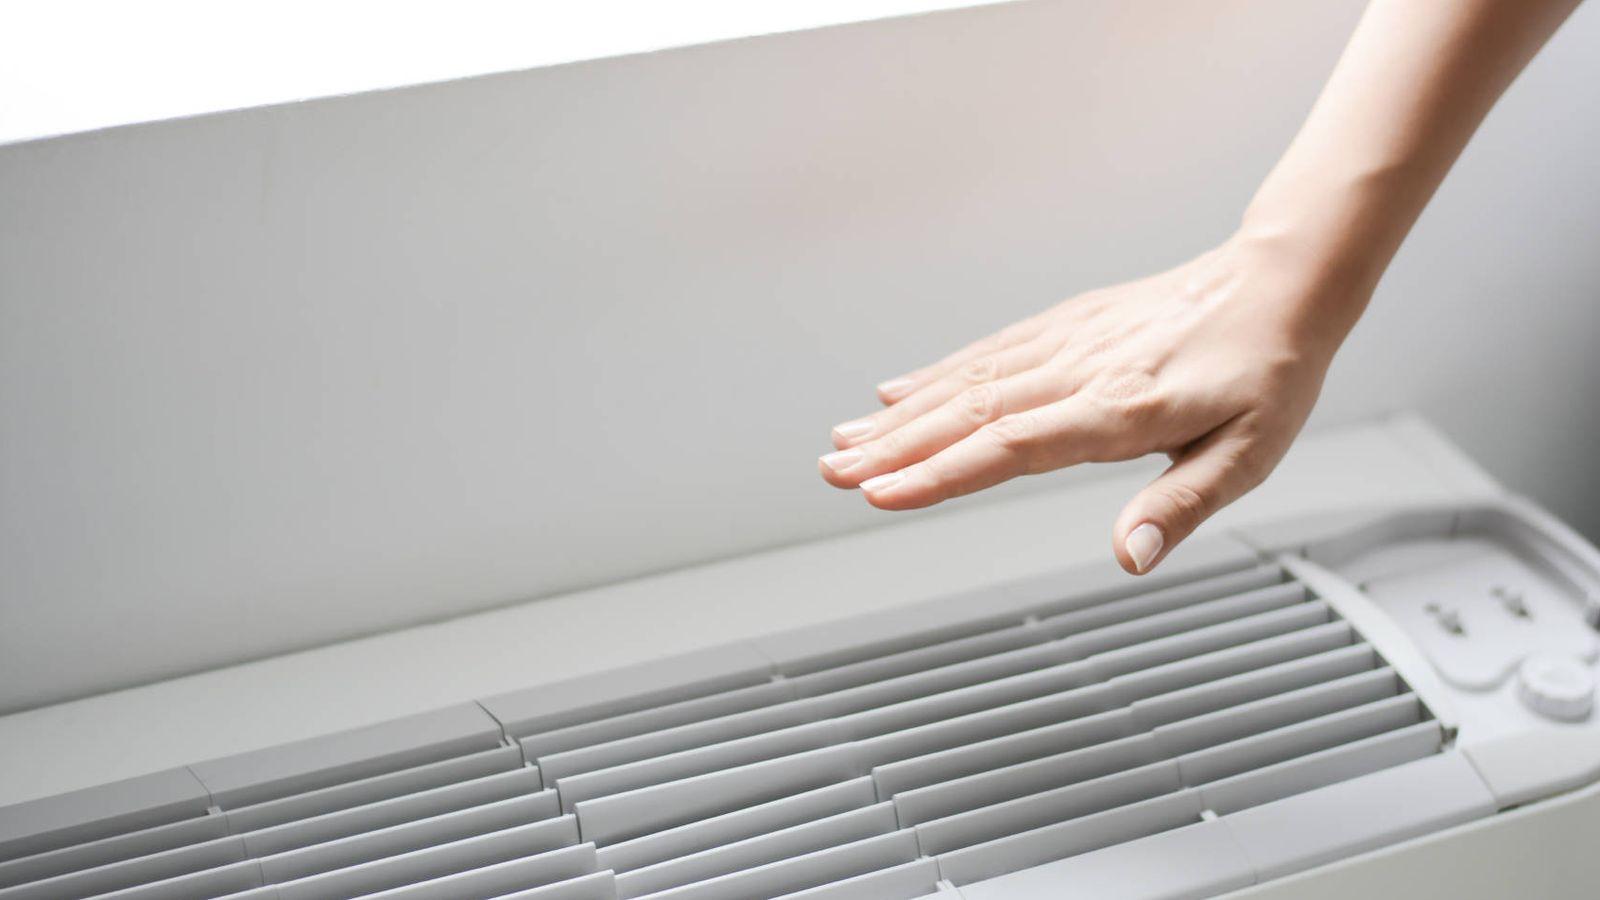 8f922122ca221 Contaminación  El peligro oculto del aire acondicionado (lo peor no son los  resfriados)